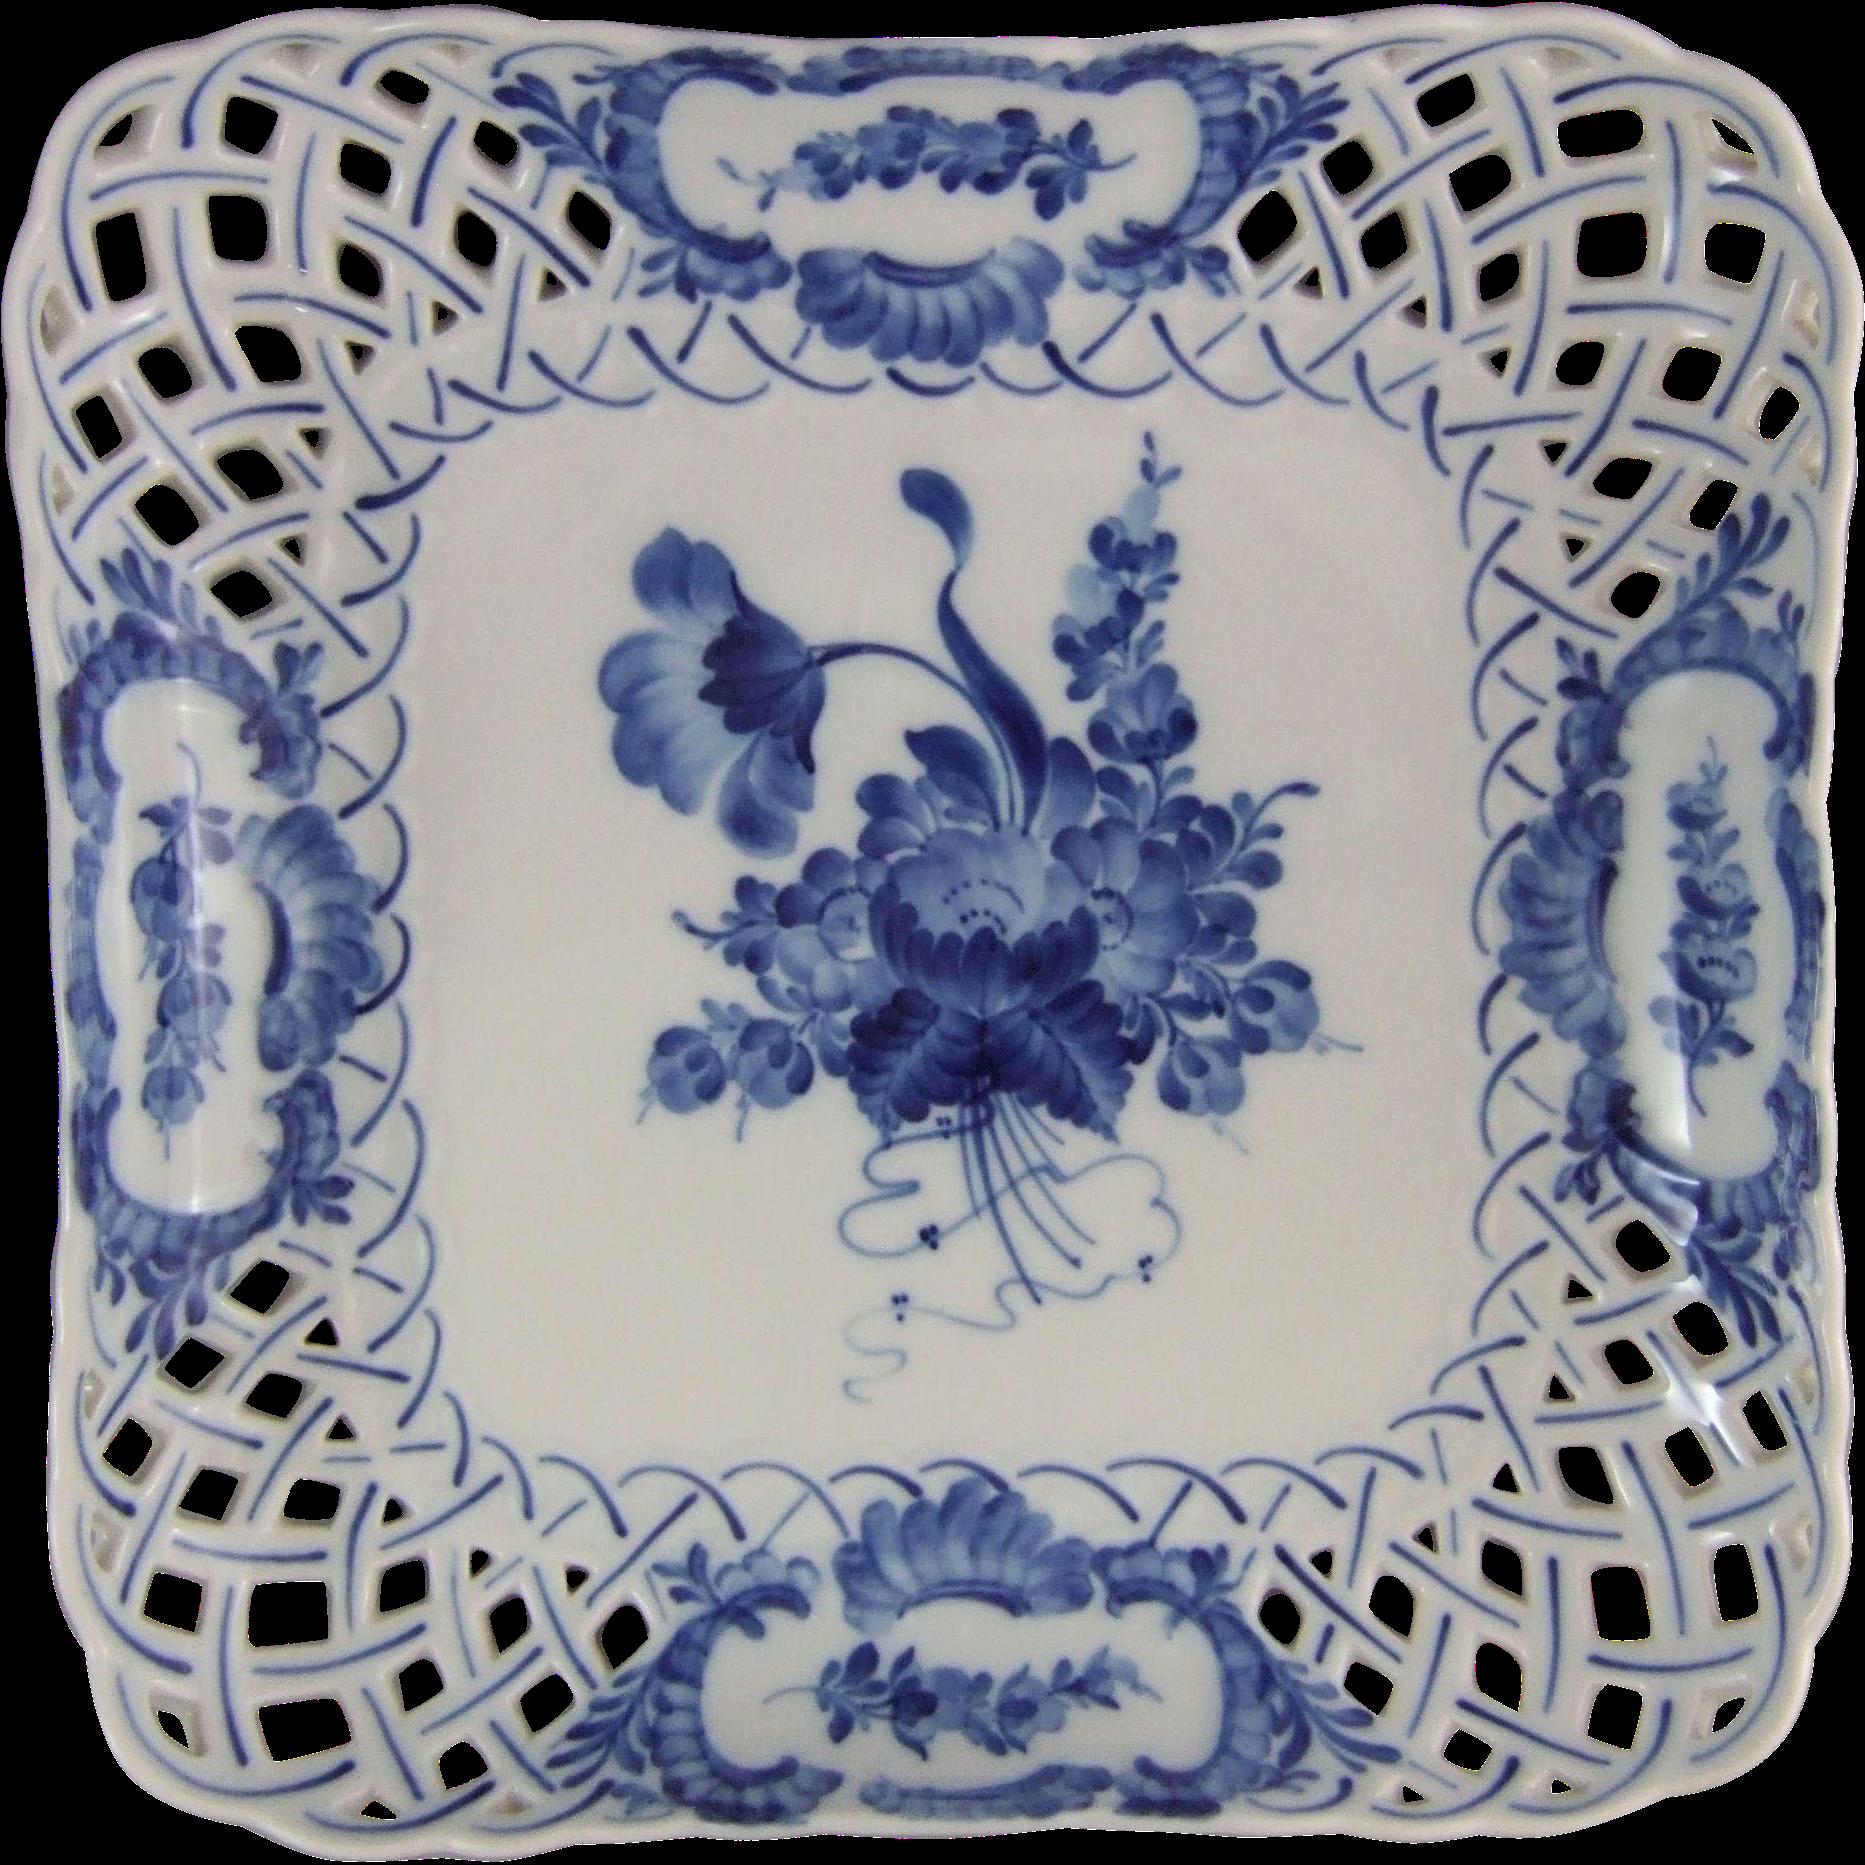 kuchenplatte vintage : Royal Copenhagen Blue Flowers Kuchenplatte Viereckig Reticulated Cake ...